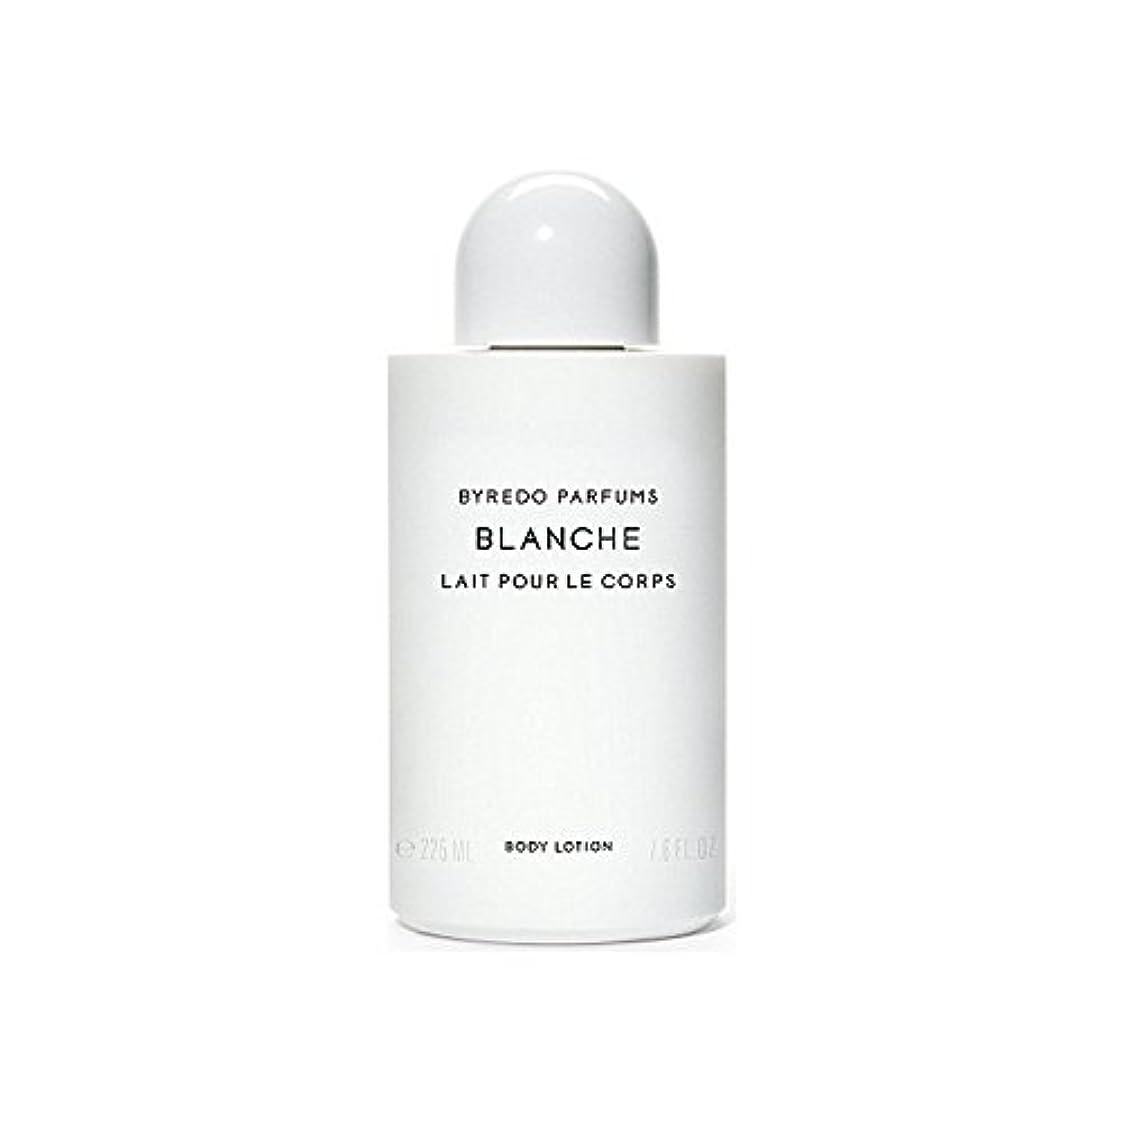 翻訳視聴者貪欲Byredo Blanche Body Lotion 225ml - ブランシュボディローション225ミリリットル [並行輸入品]